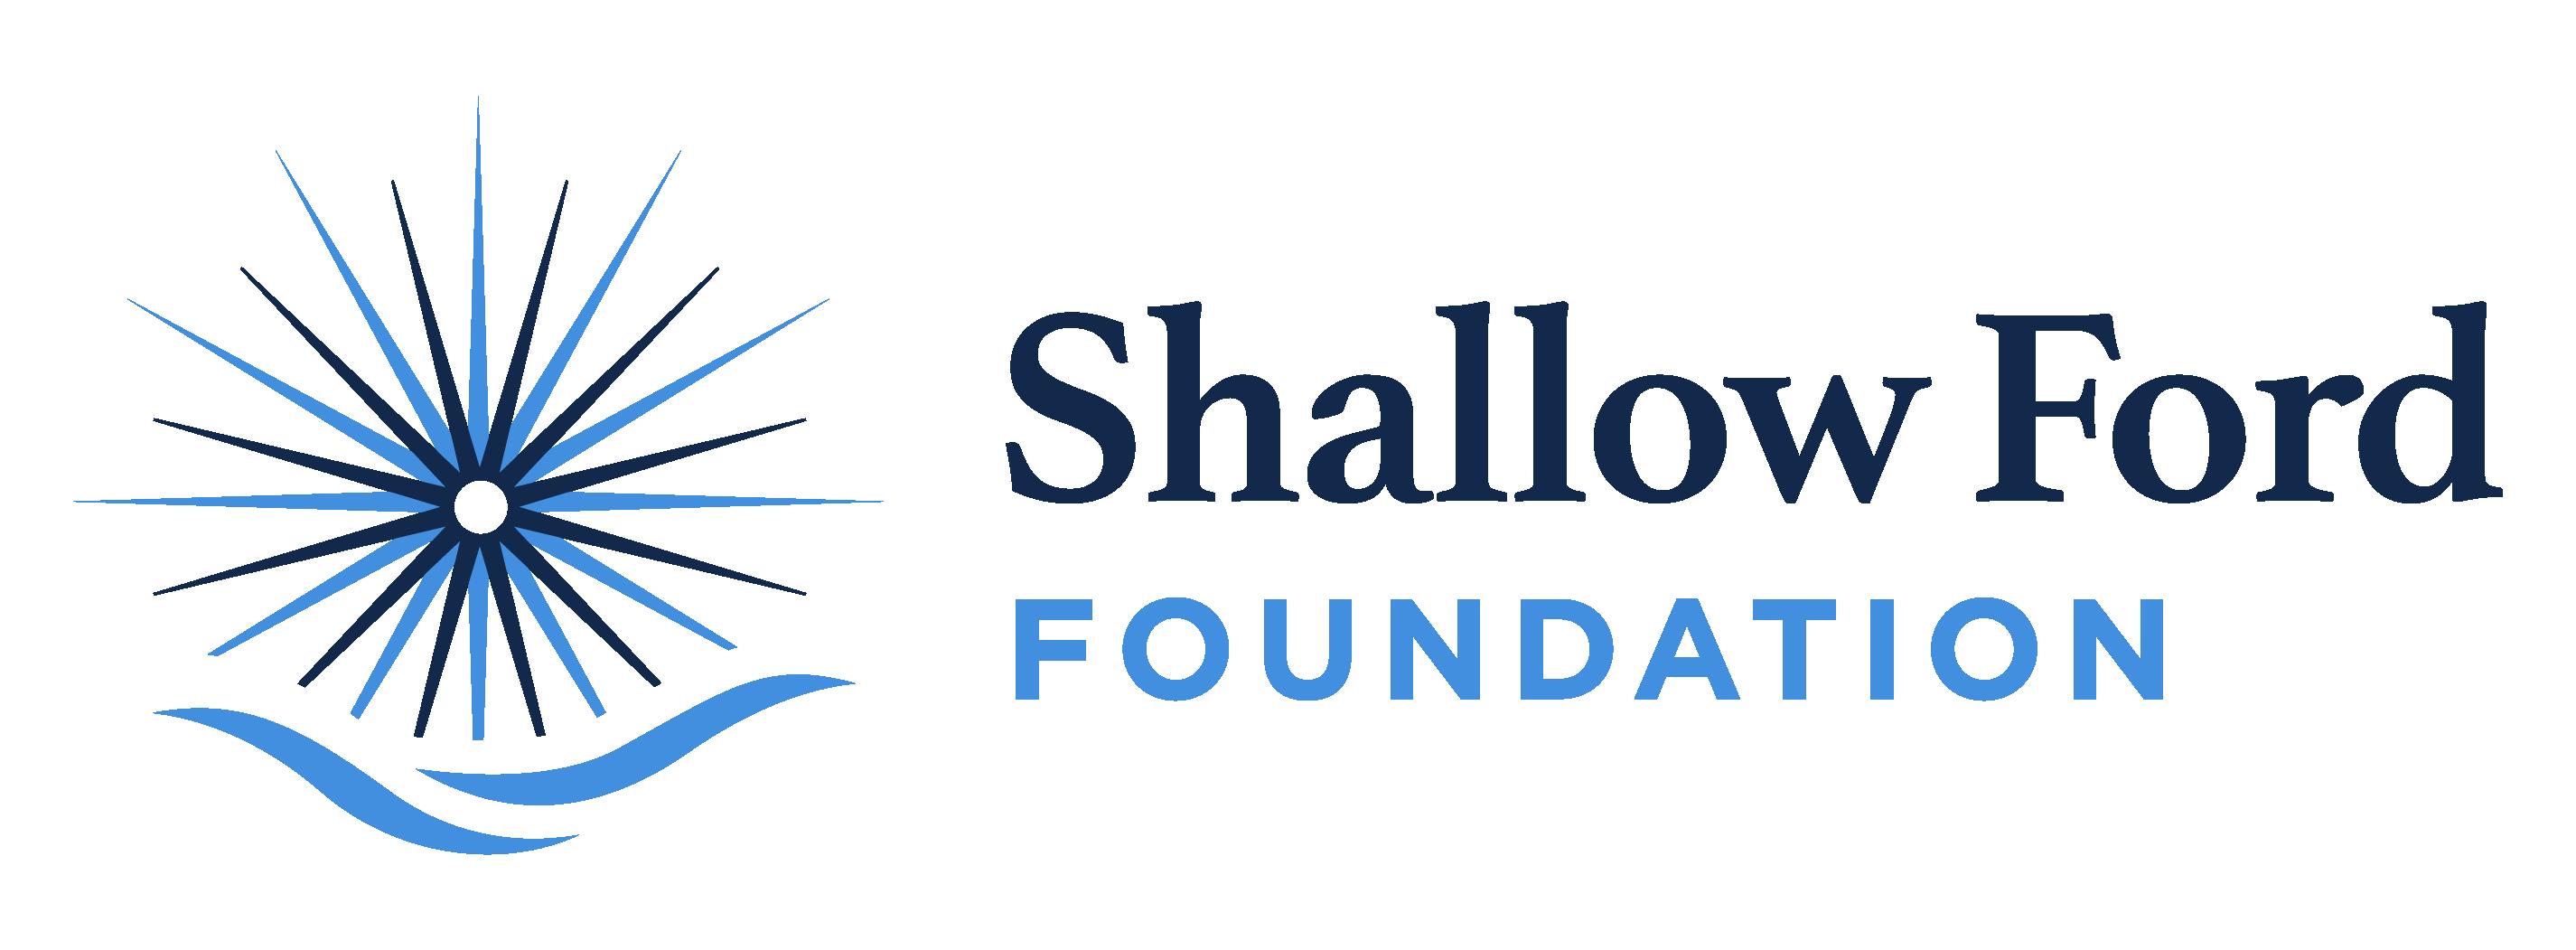 Shallow Ford Foundation logo horizontal layout